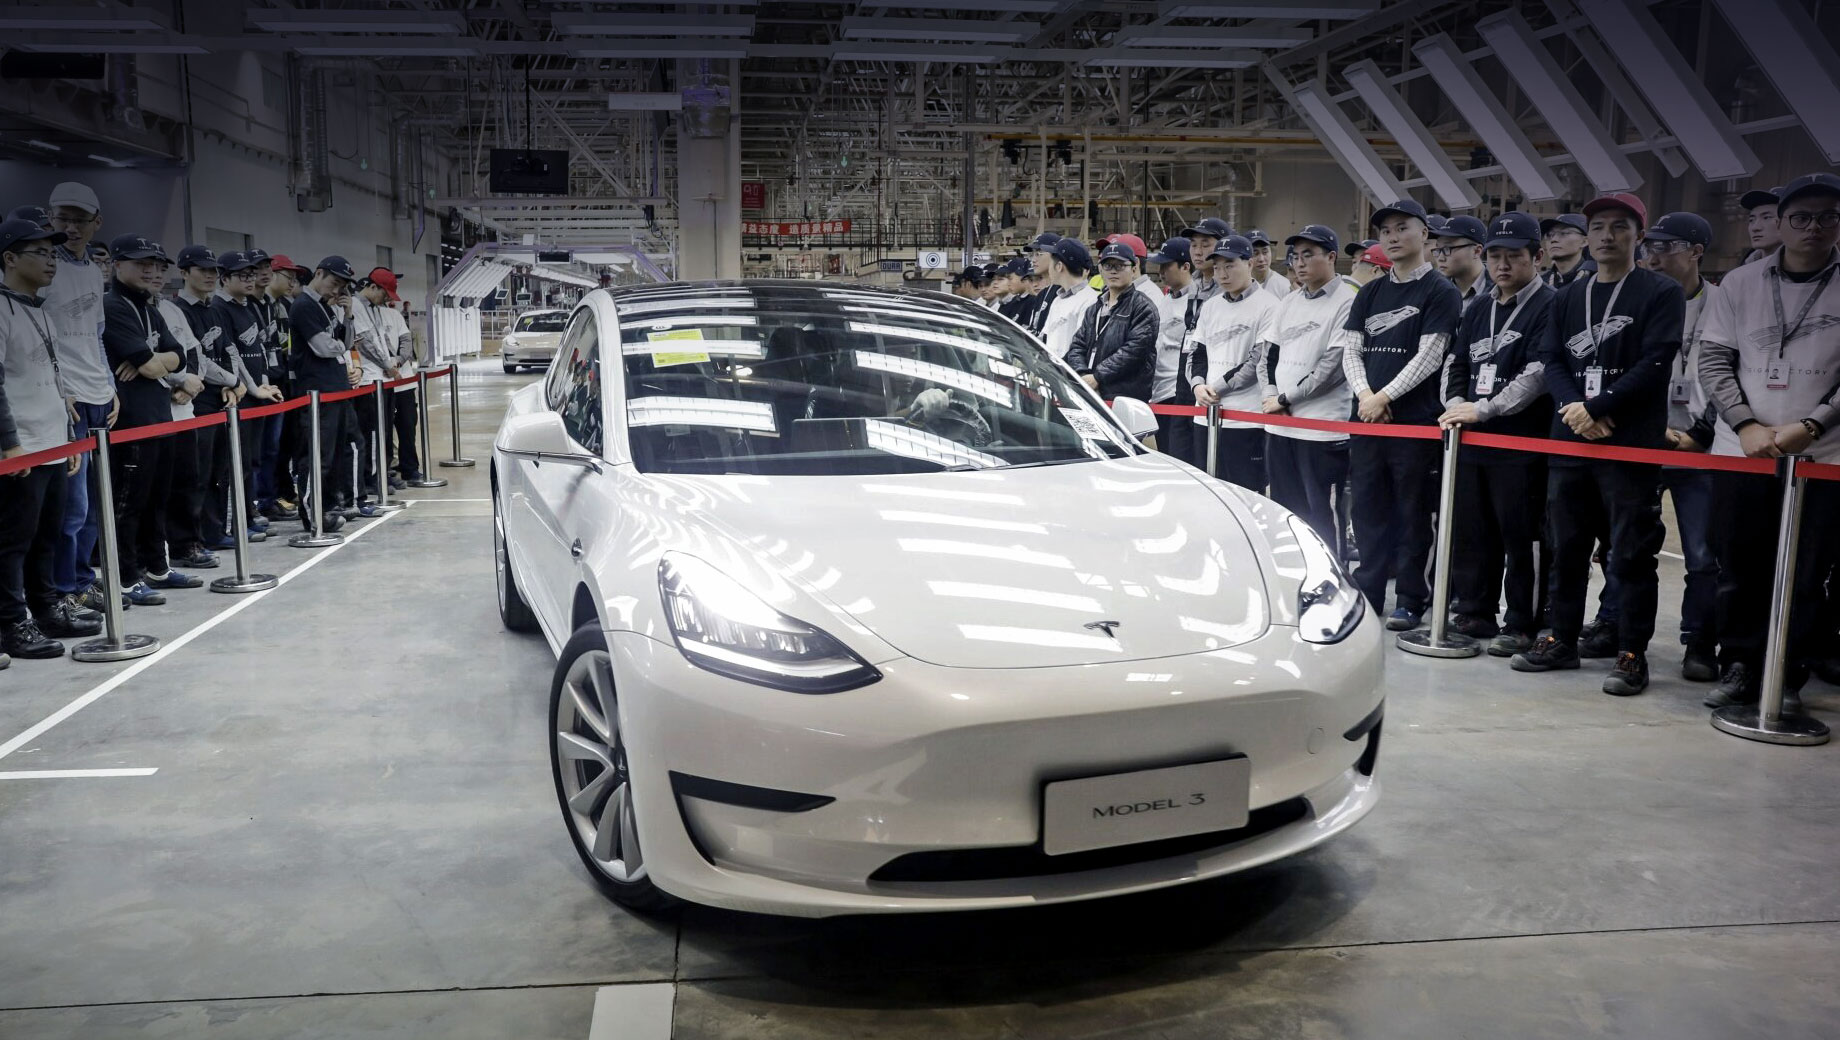 Tesla model 3. Почти наверняка первенцем Теслы в Индии станет седан Model 3 китайской сборки (на фото). Ожидаемая цена — 5,5 млн рупий (5,51 млн рублей). Следом подтянется соплатформенная Model Y.